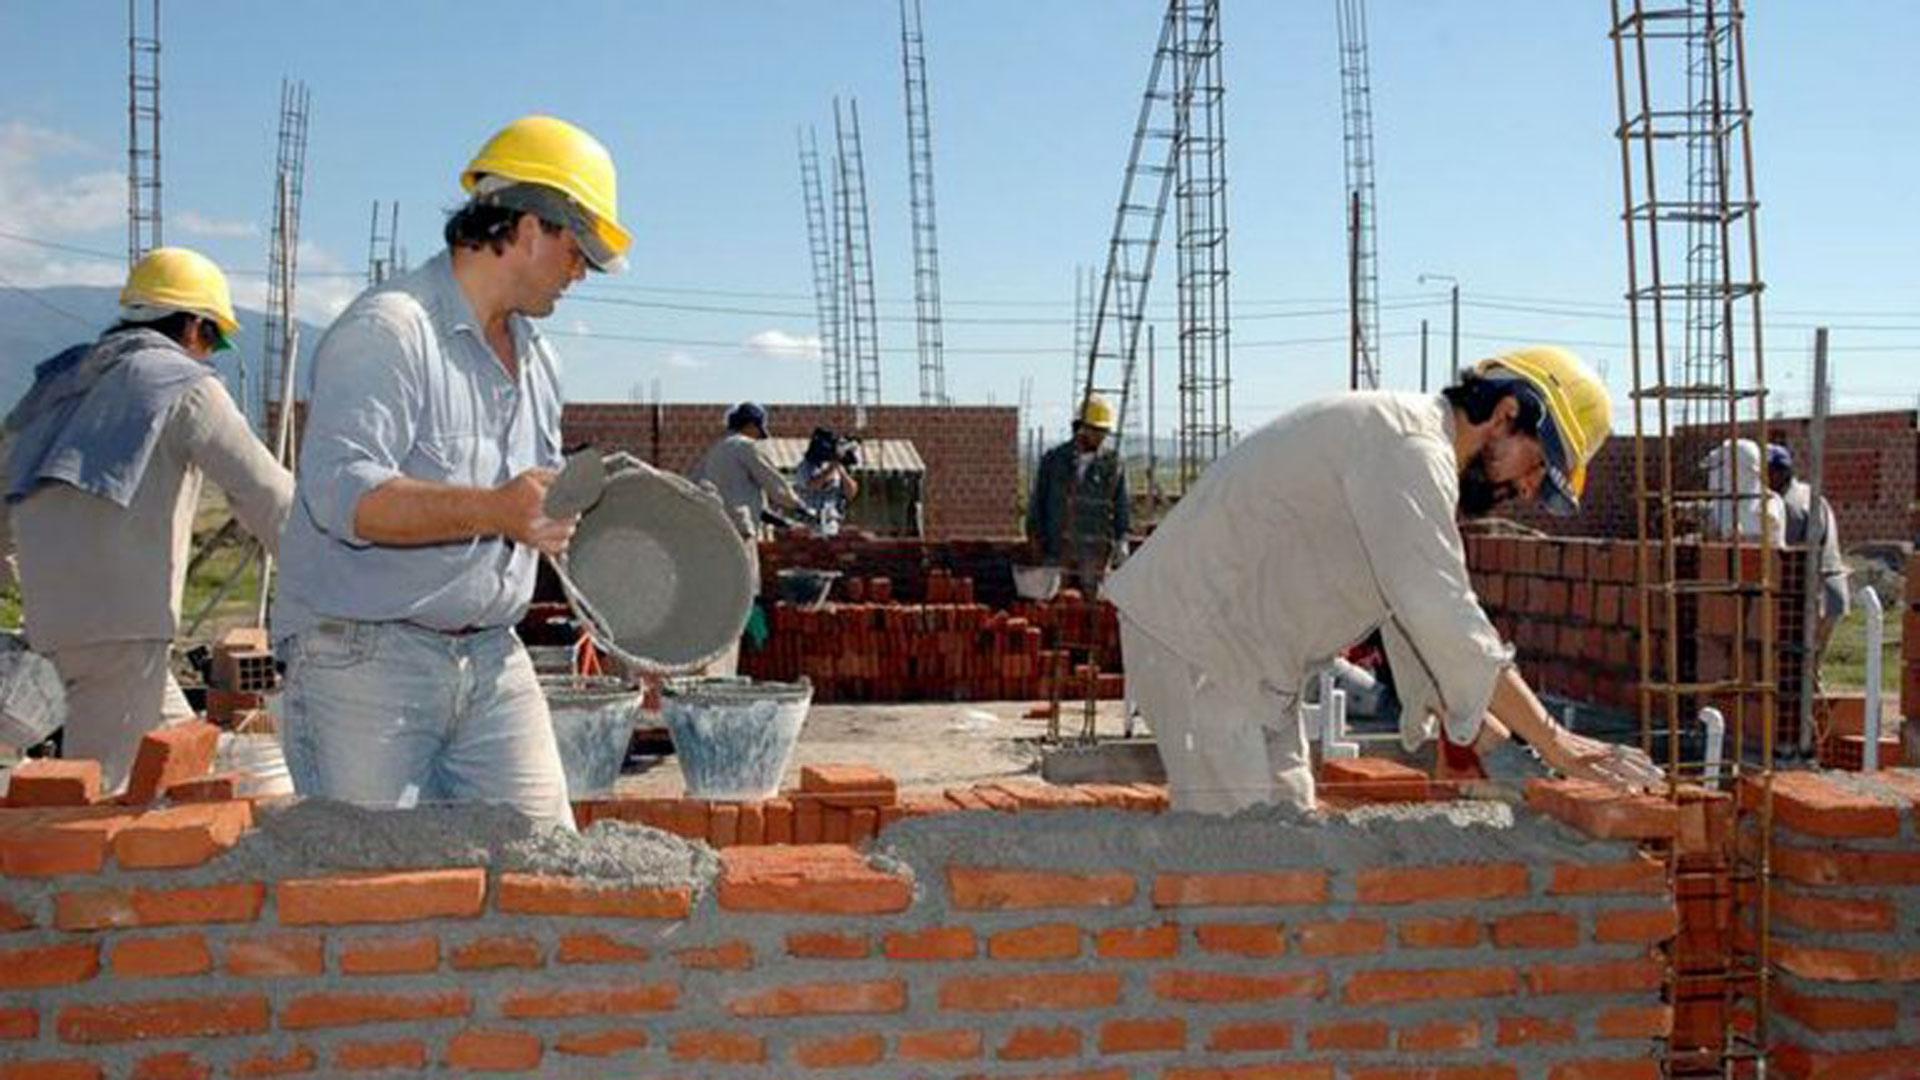 La inflación en dólares está afectando la rentabilidad de desarrollos privados.